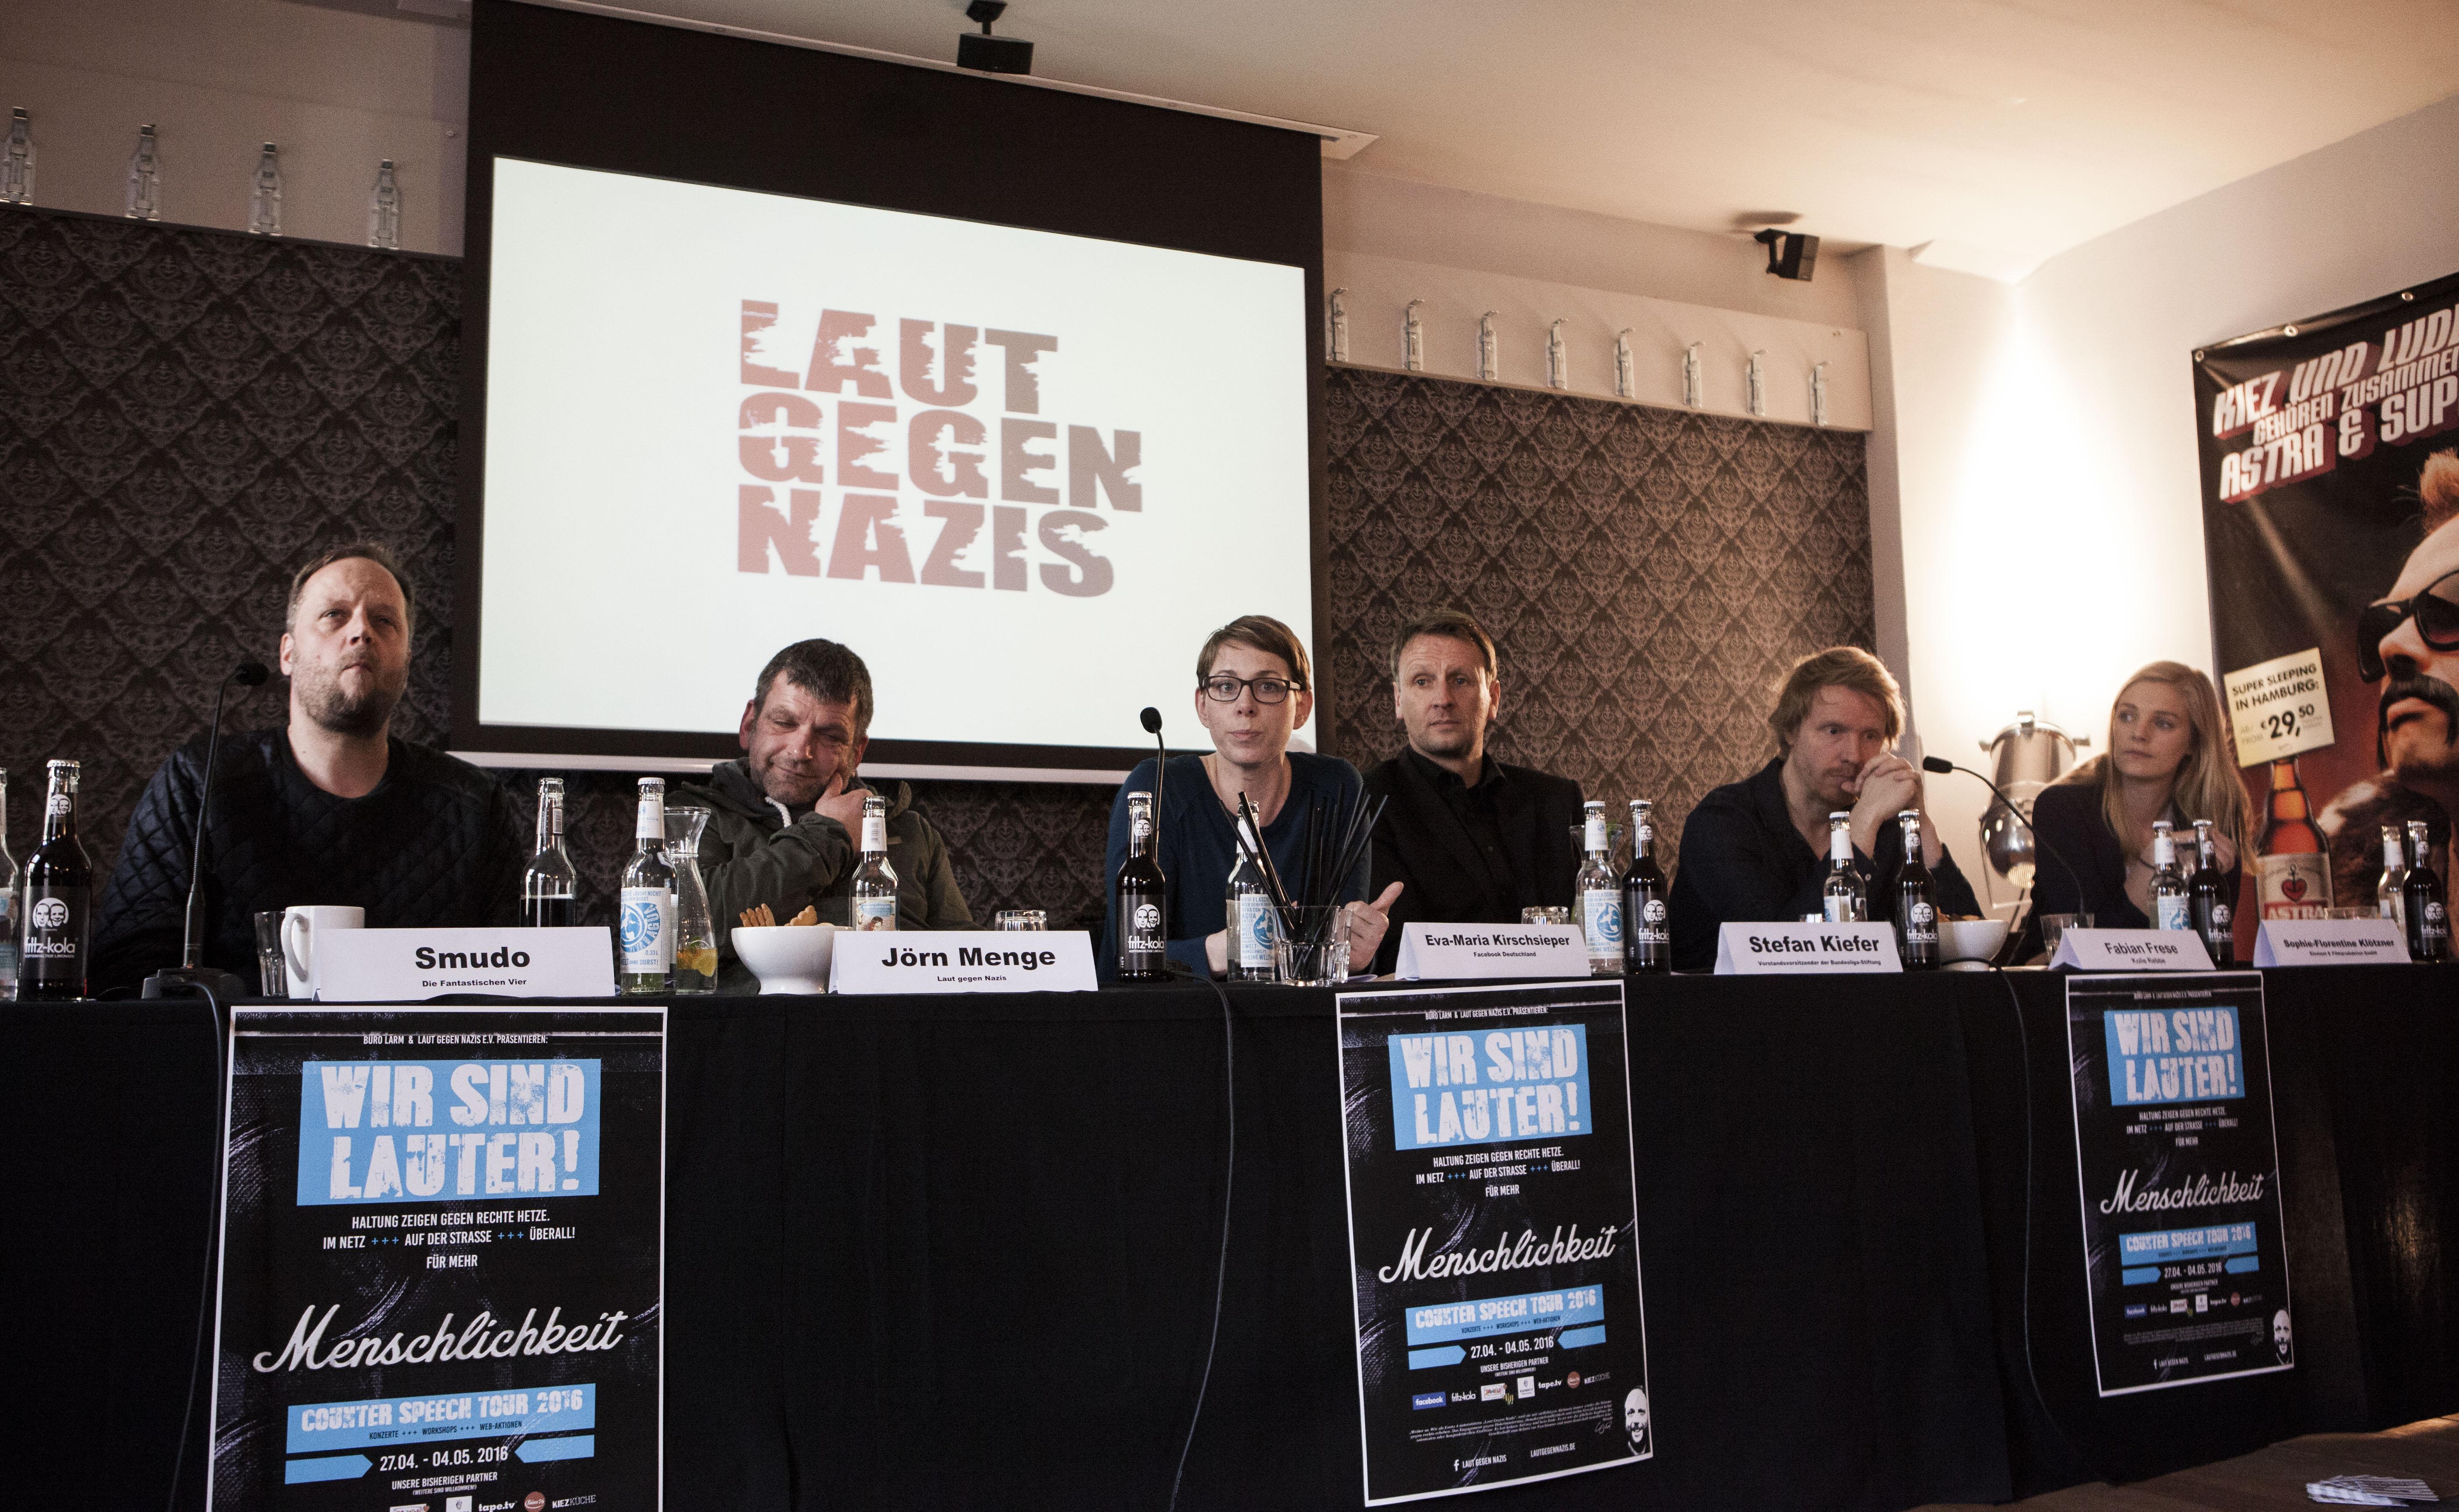 Foto: Pressekonferenz im Januar 2016 in der Superbude Hamburg -